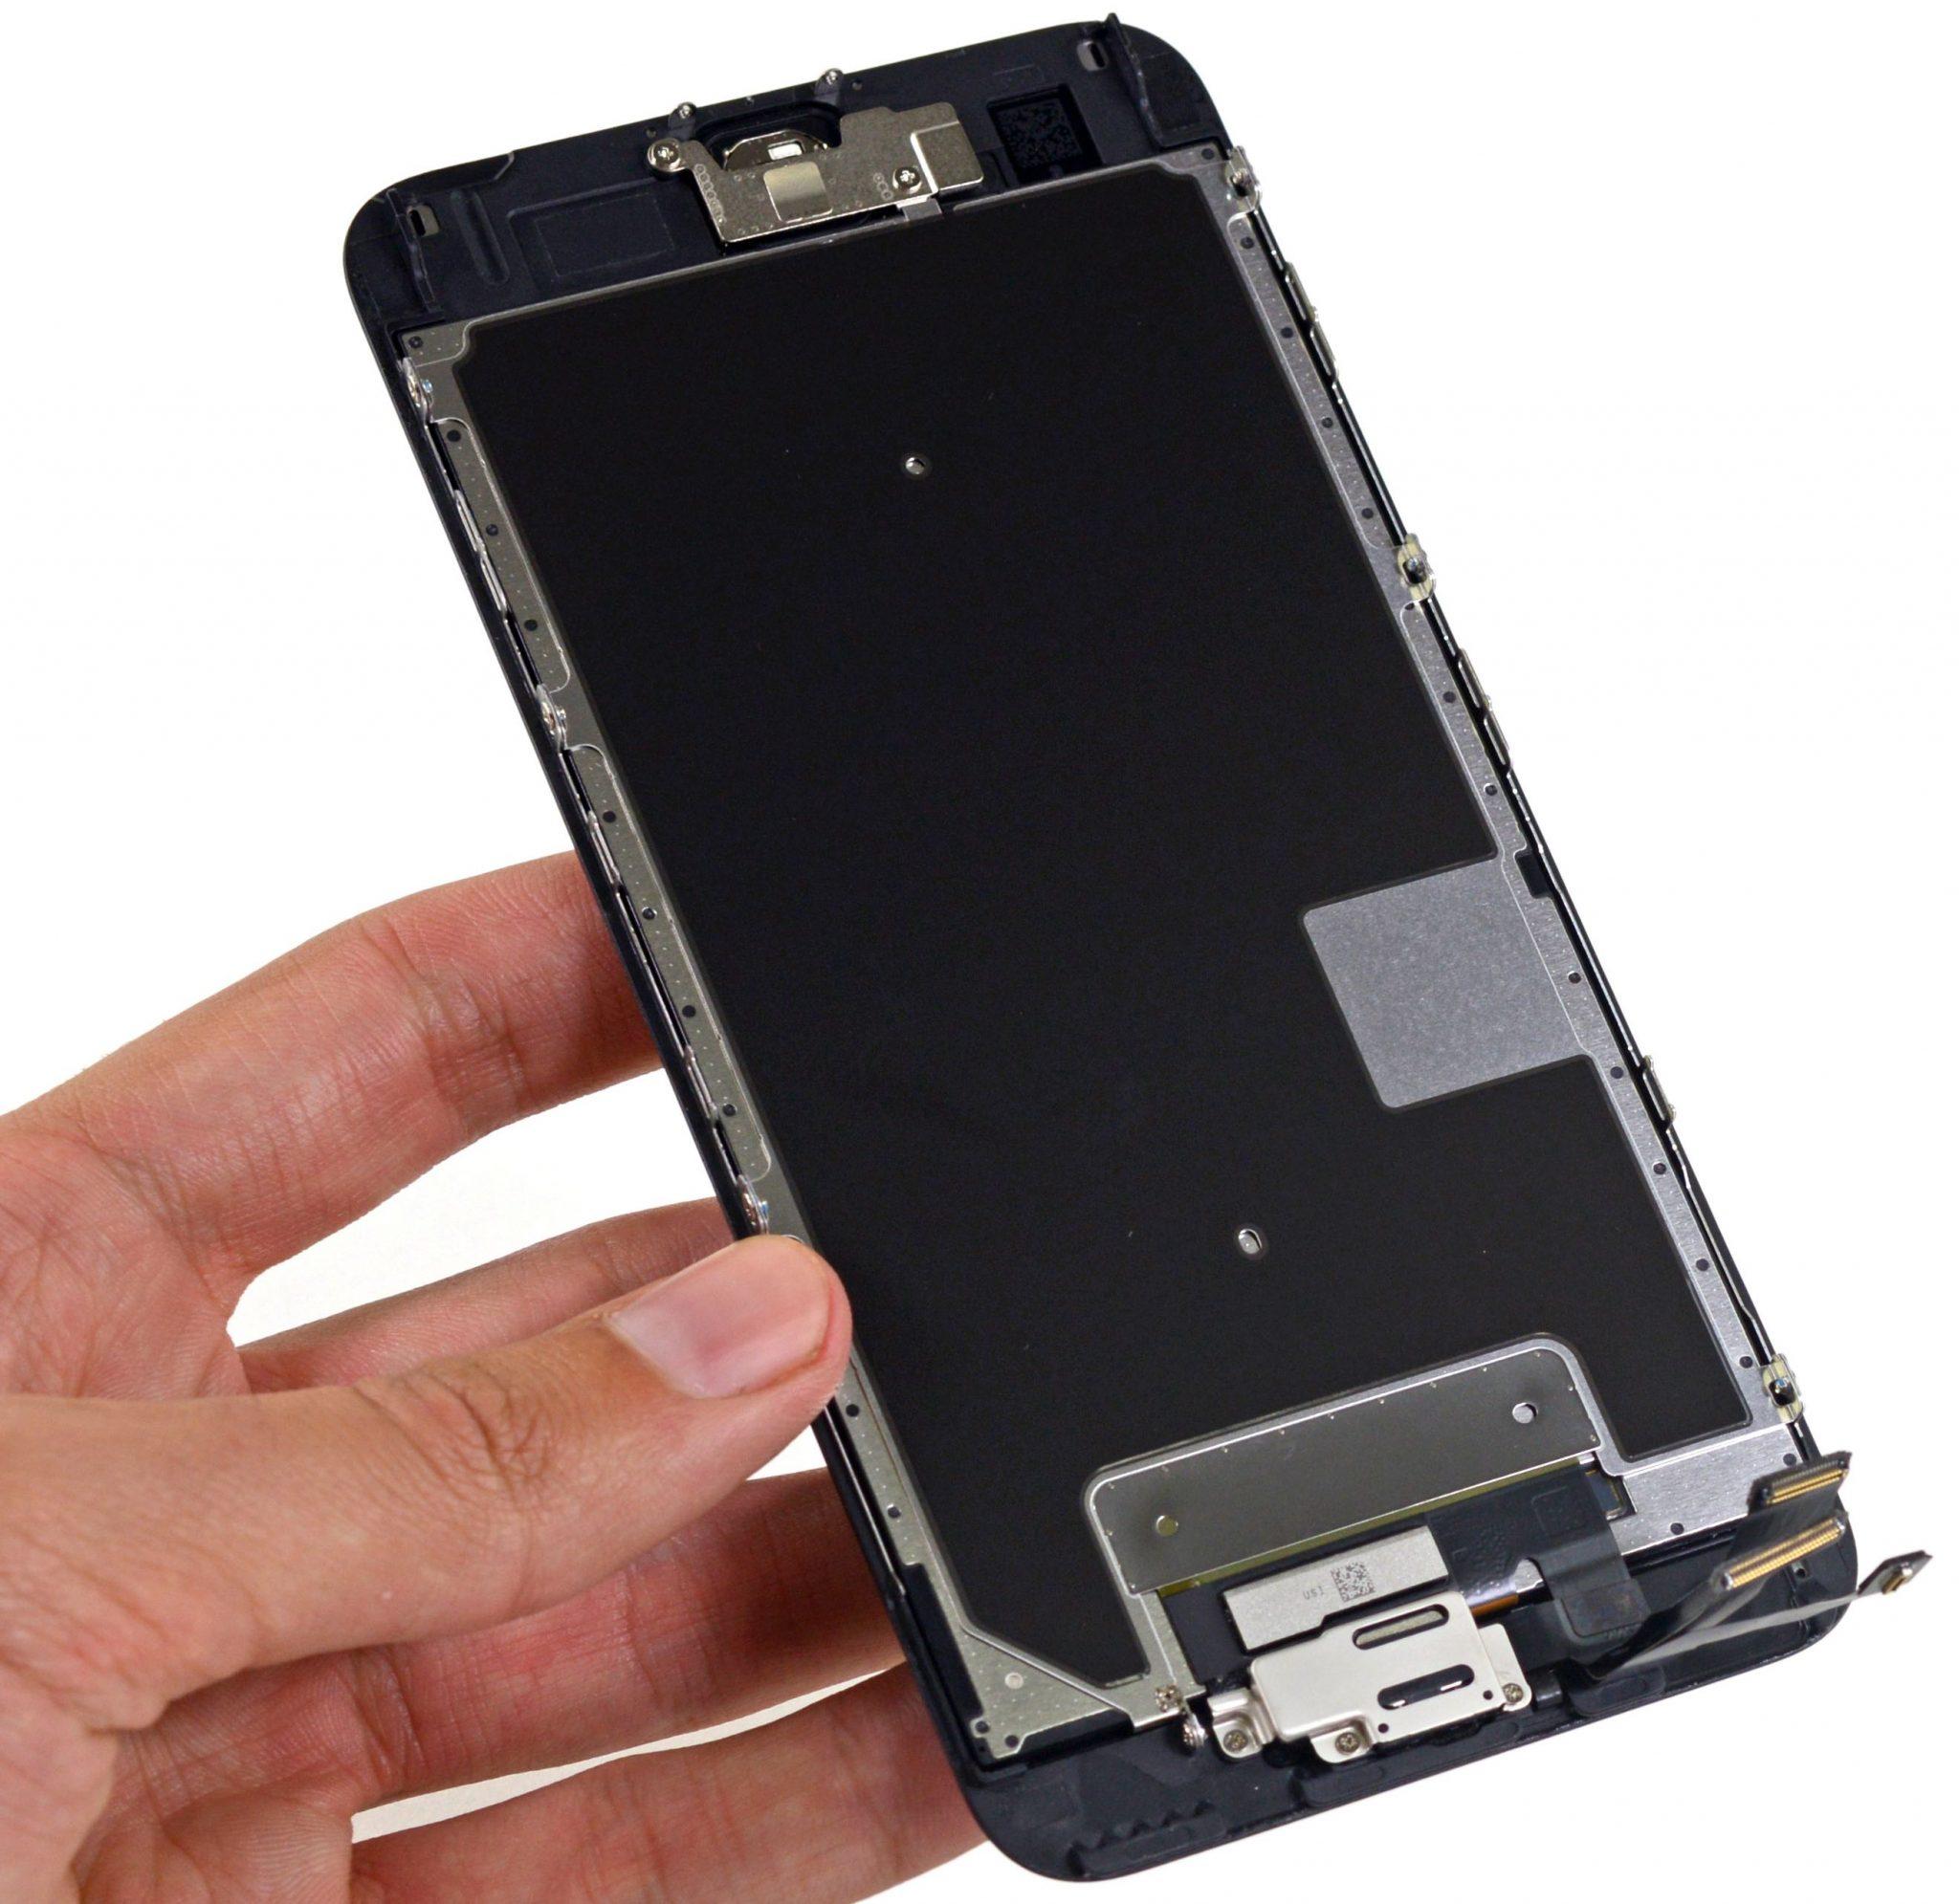 ВИндии нановом заводе Wistron началось производство iPhone 6s Plus